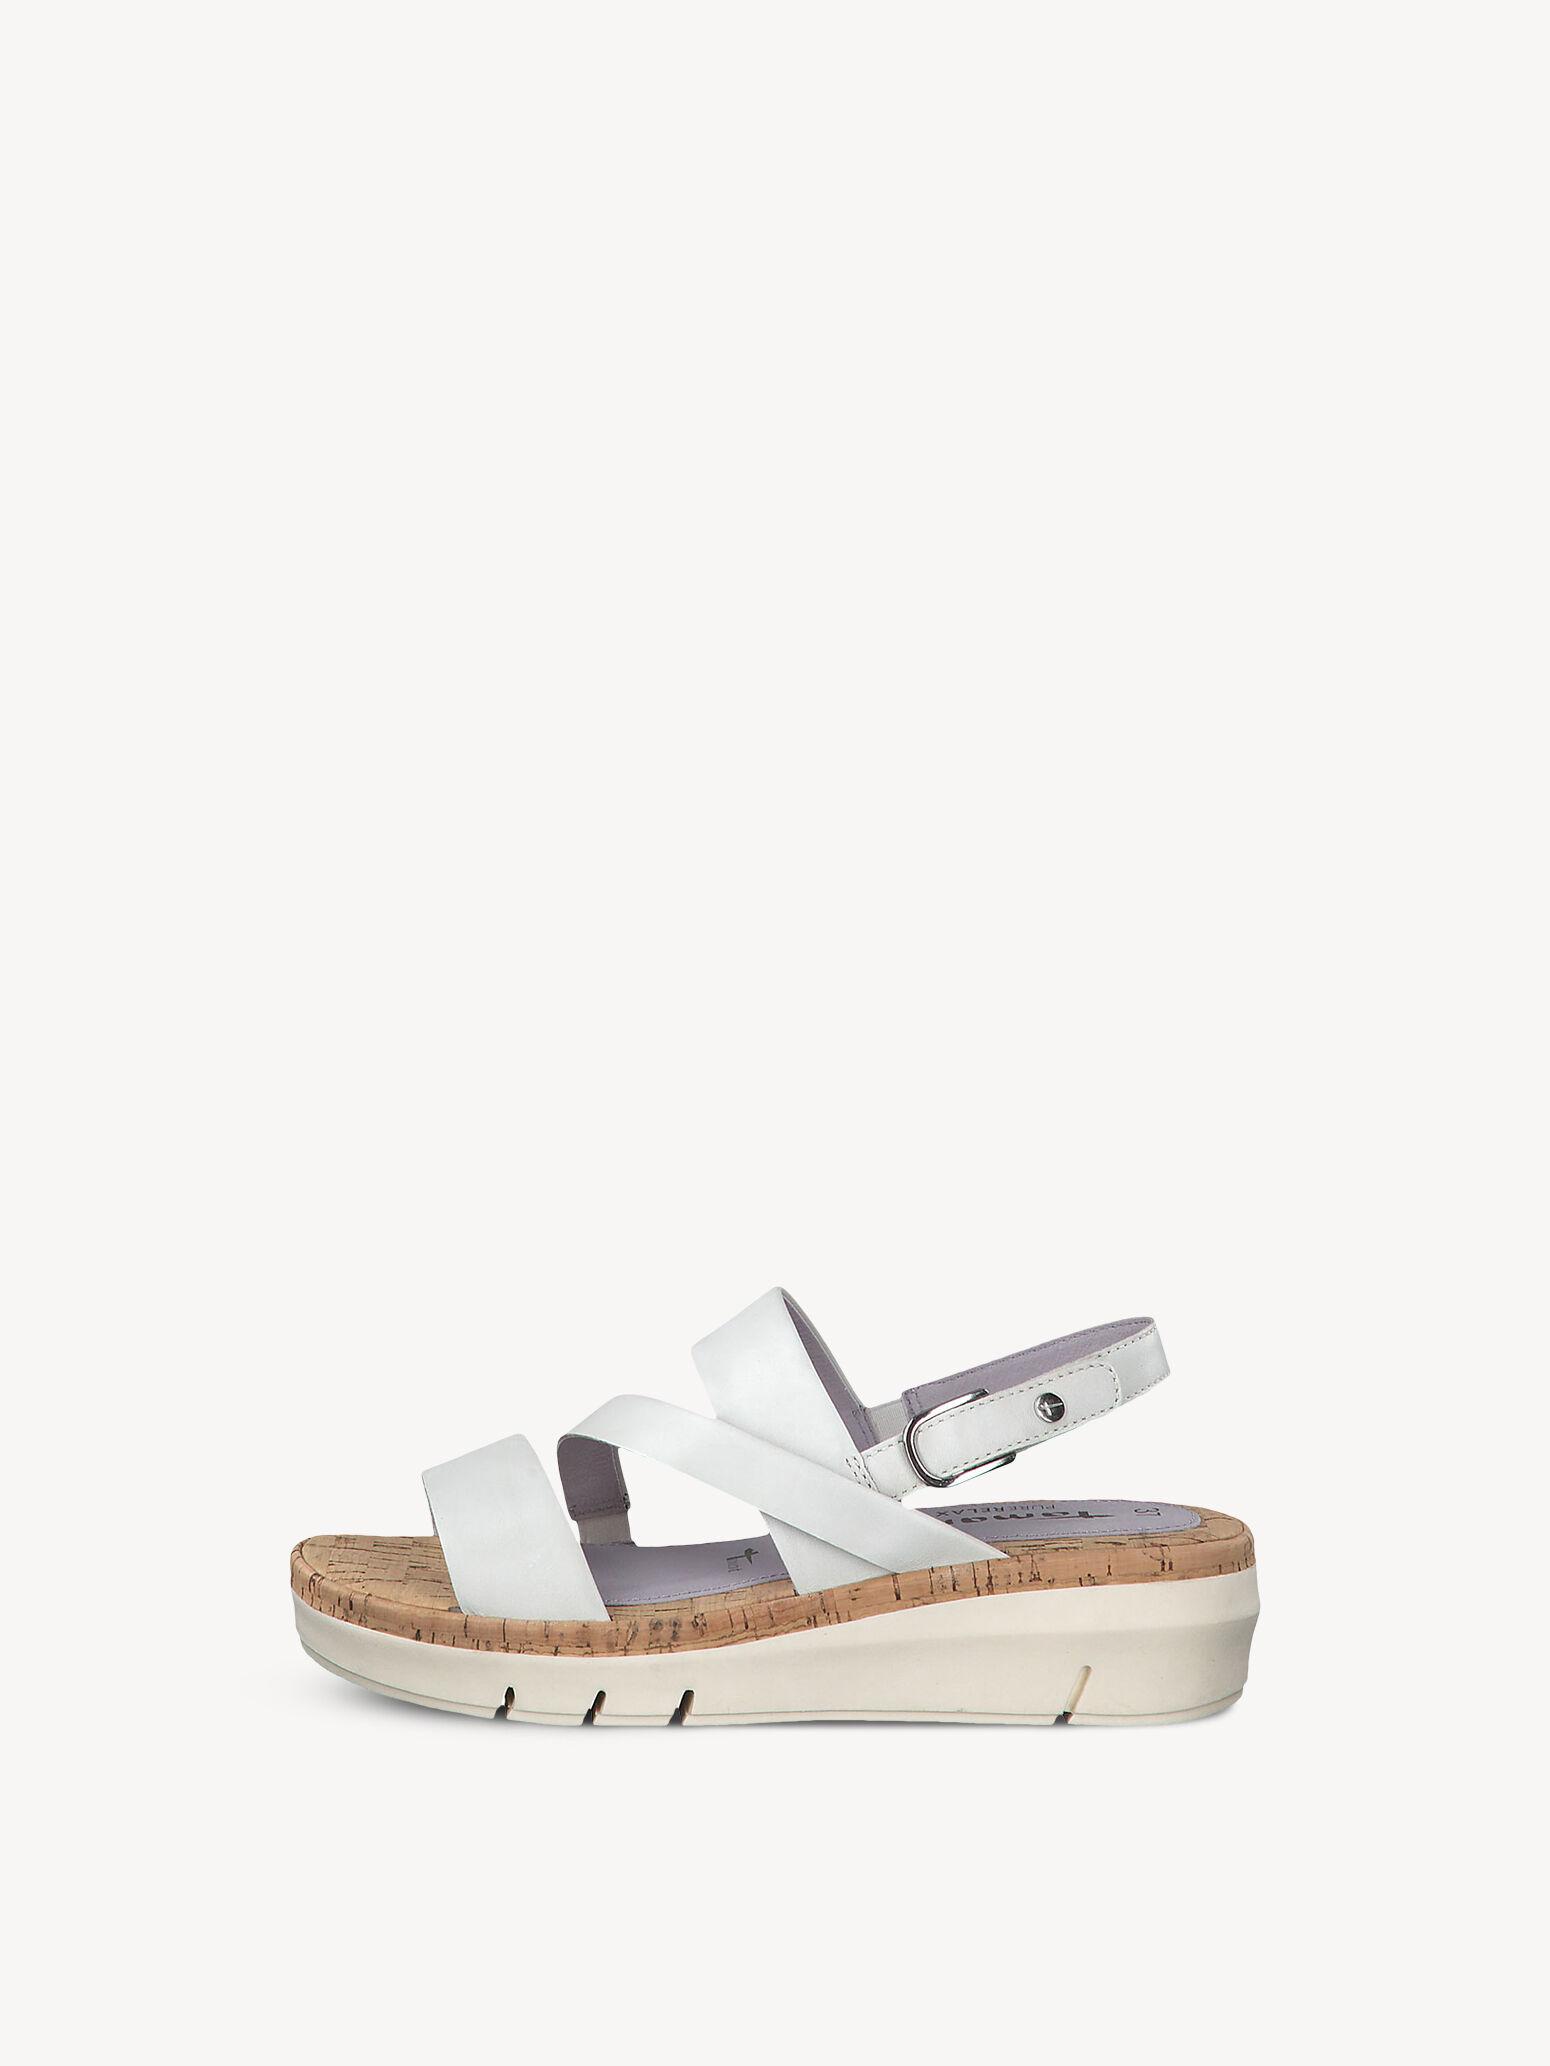 Damenschuhe Tamaris Sandaletten weiß Leder Klettverschluss